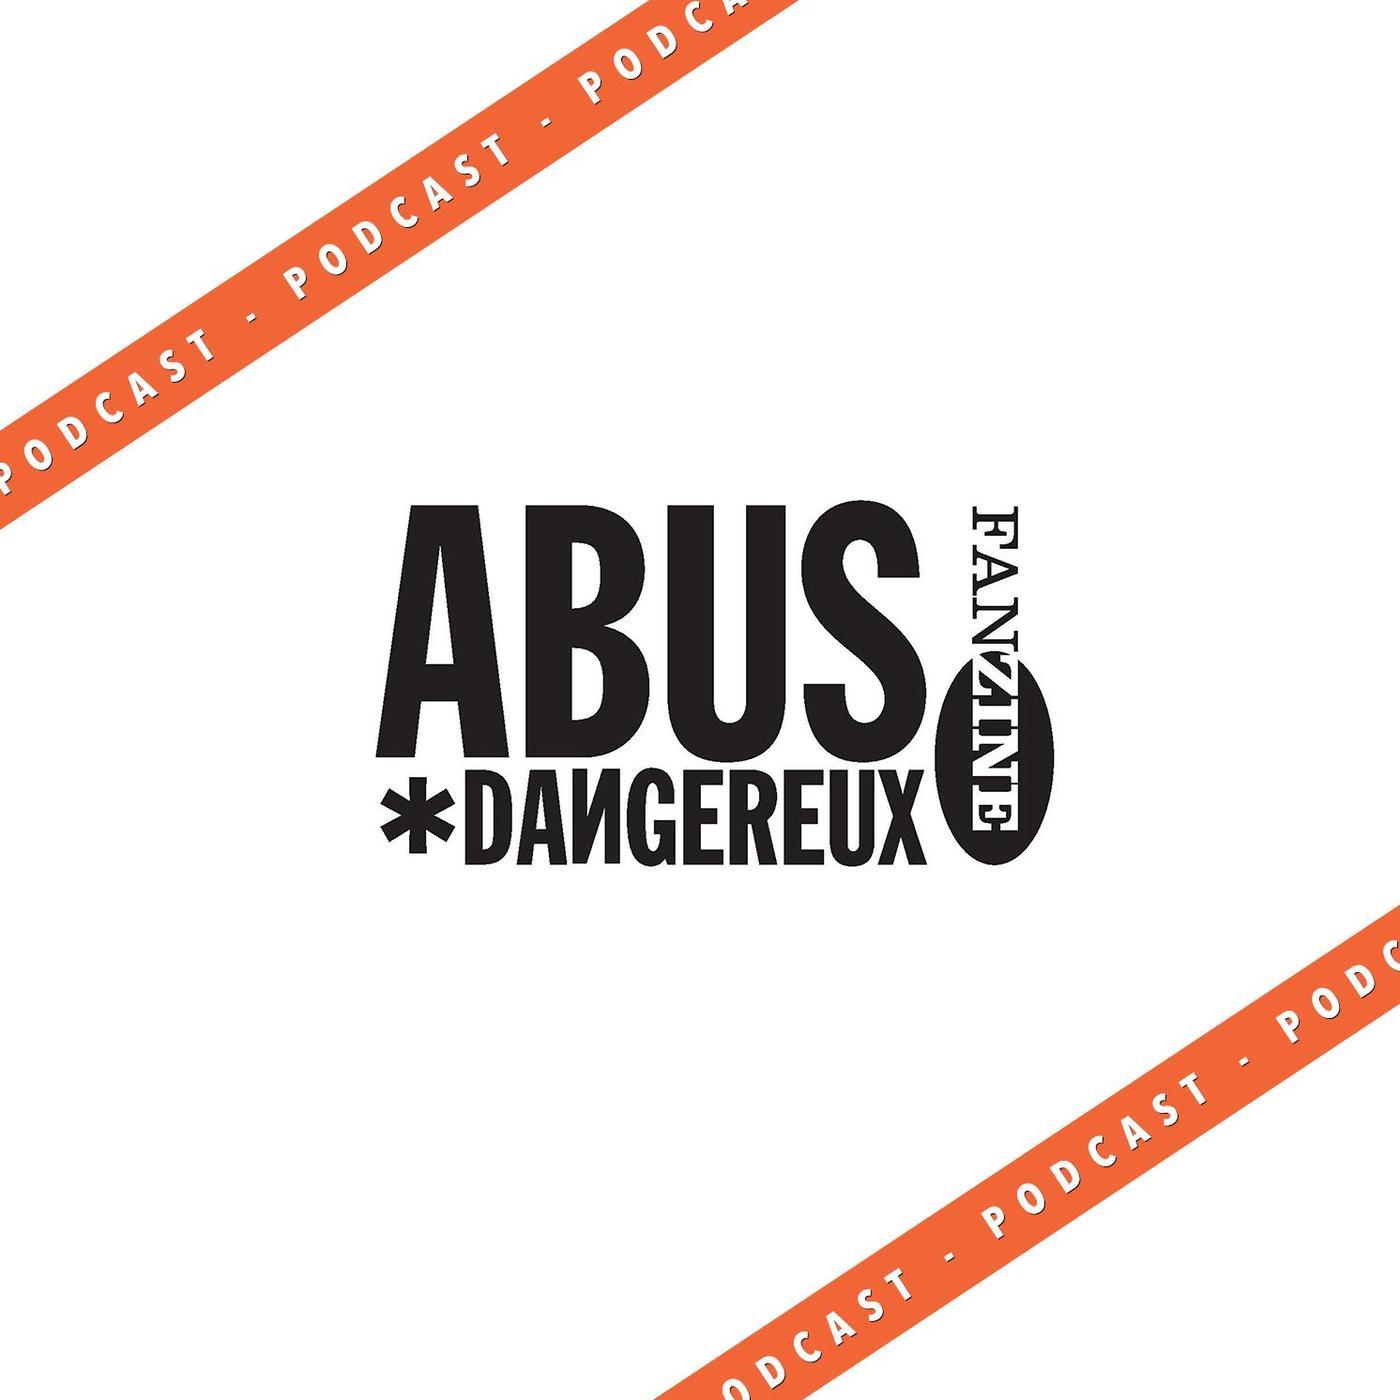 Abus Dangereux 157 - Extrait 2